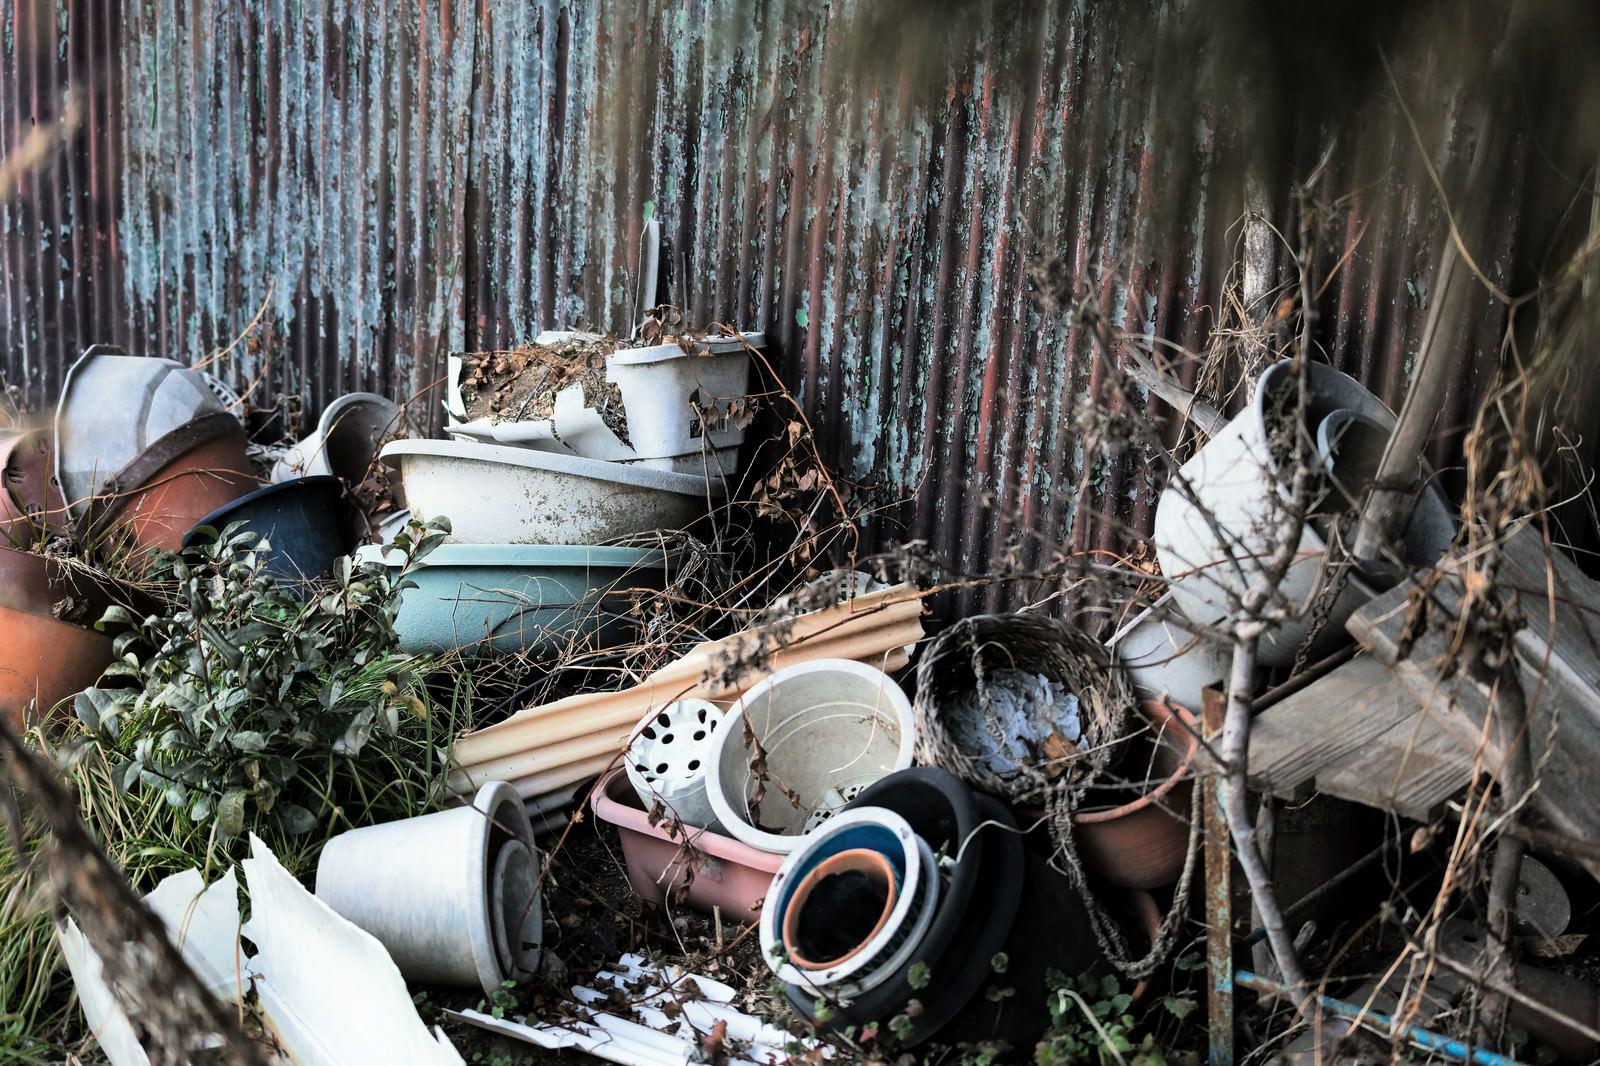 「崩れて壊れた鉢植え崩れて壊れた鉢植え」のフリー写真素材を拡大